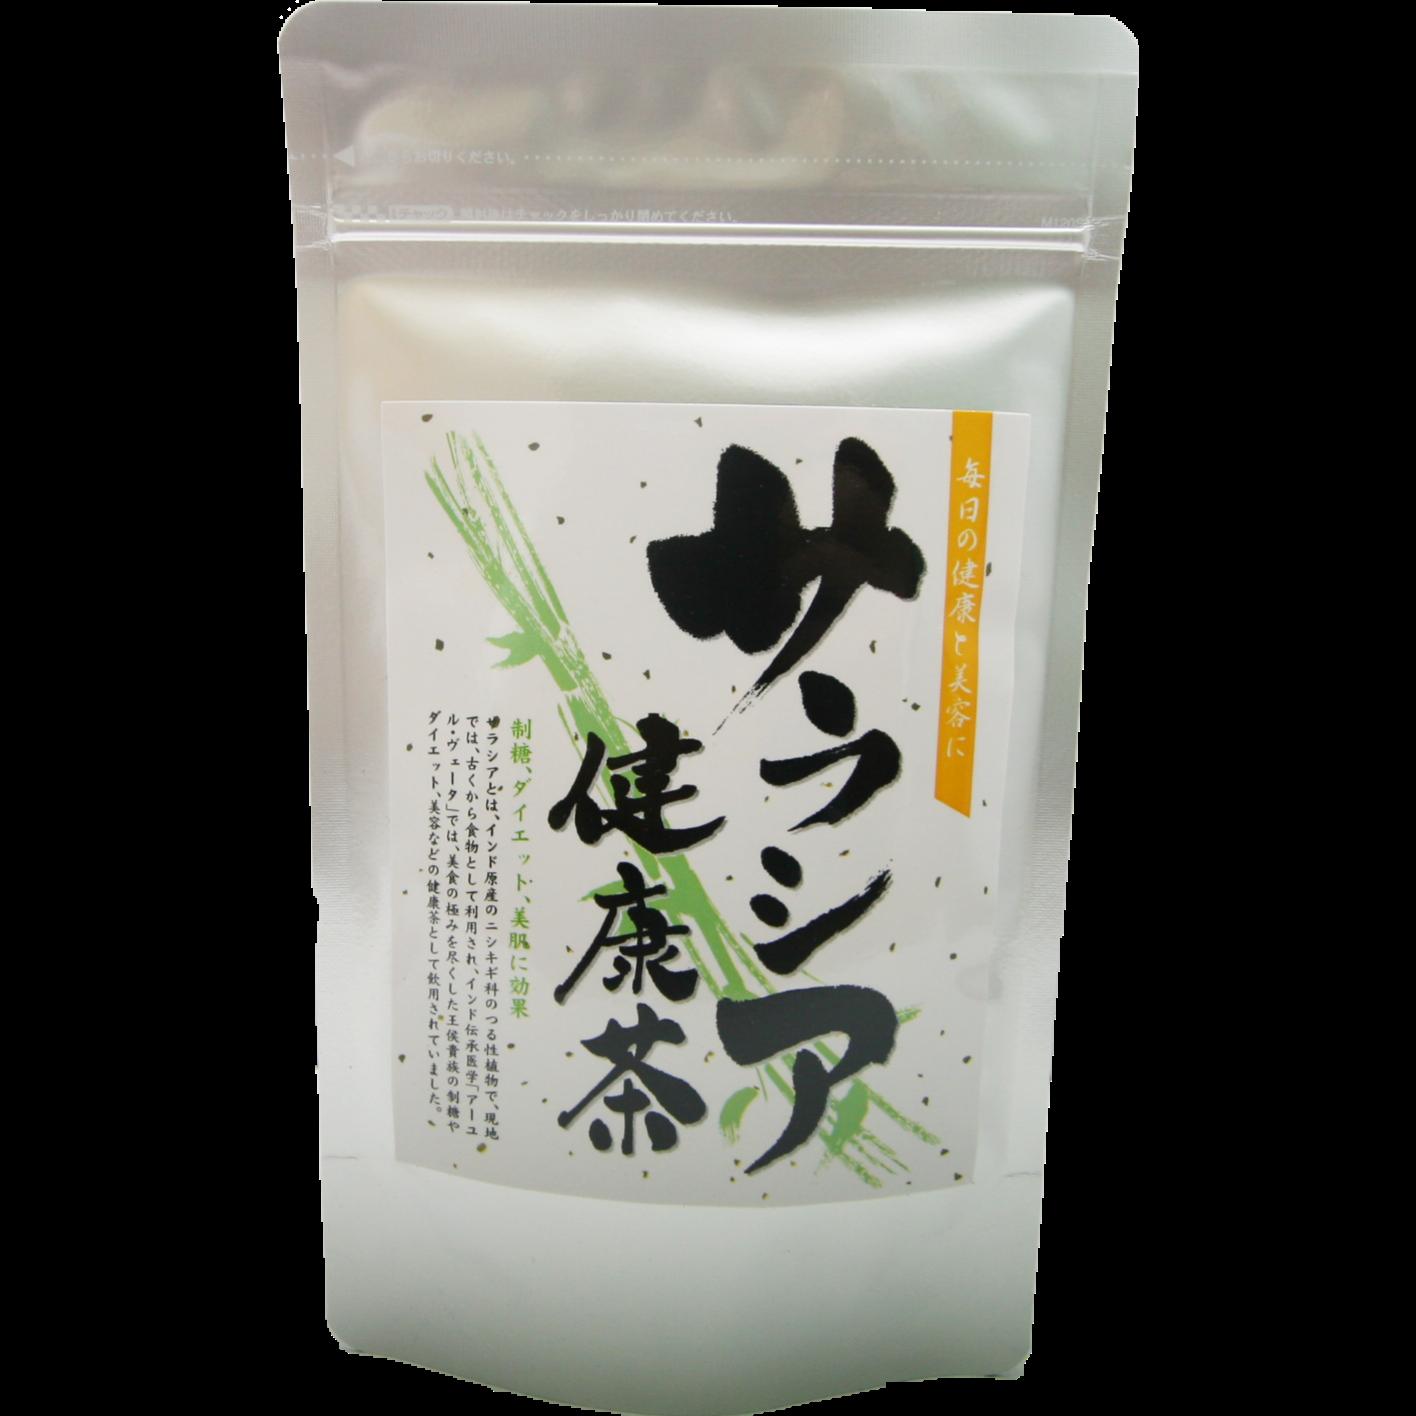 サラシア健康茶